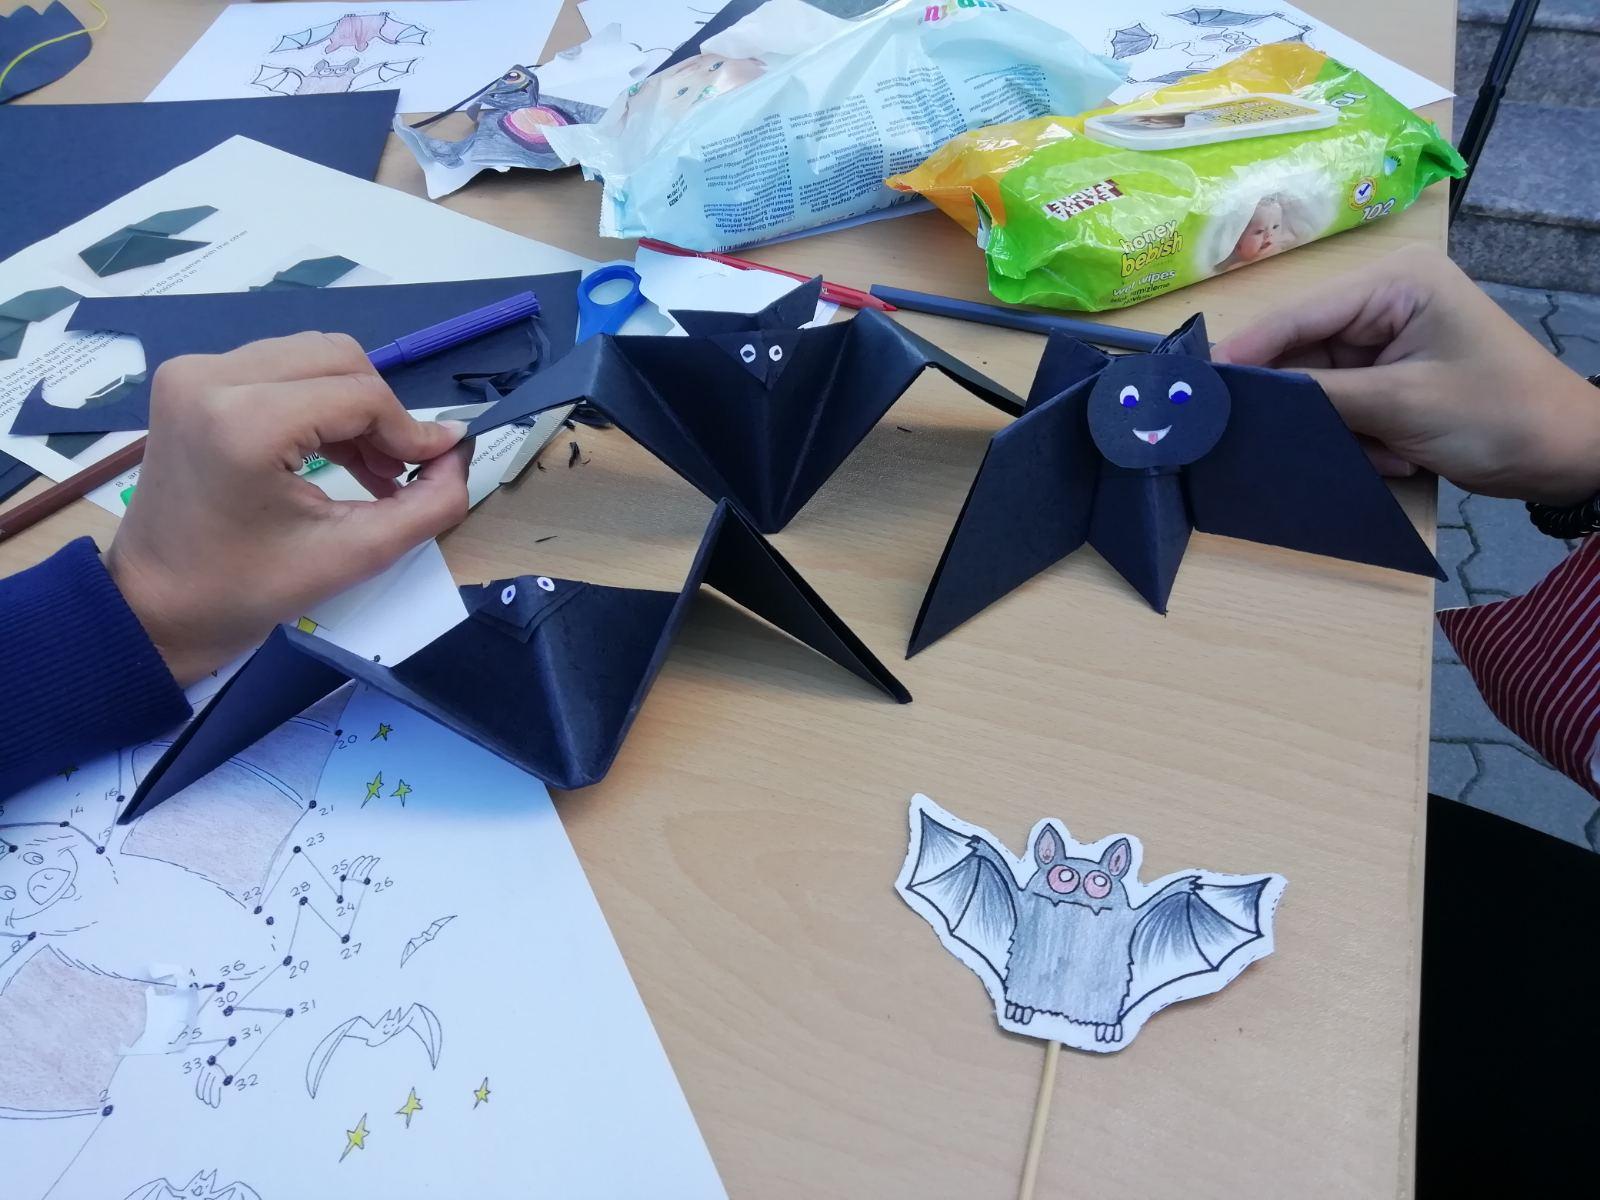 Ето и една малка колония прилепи, които децата сами направиха